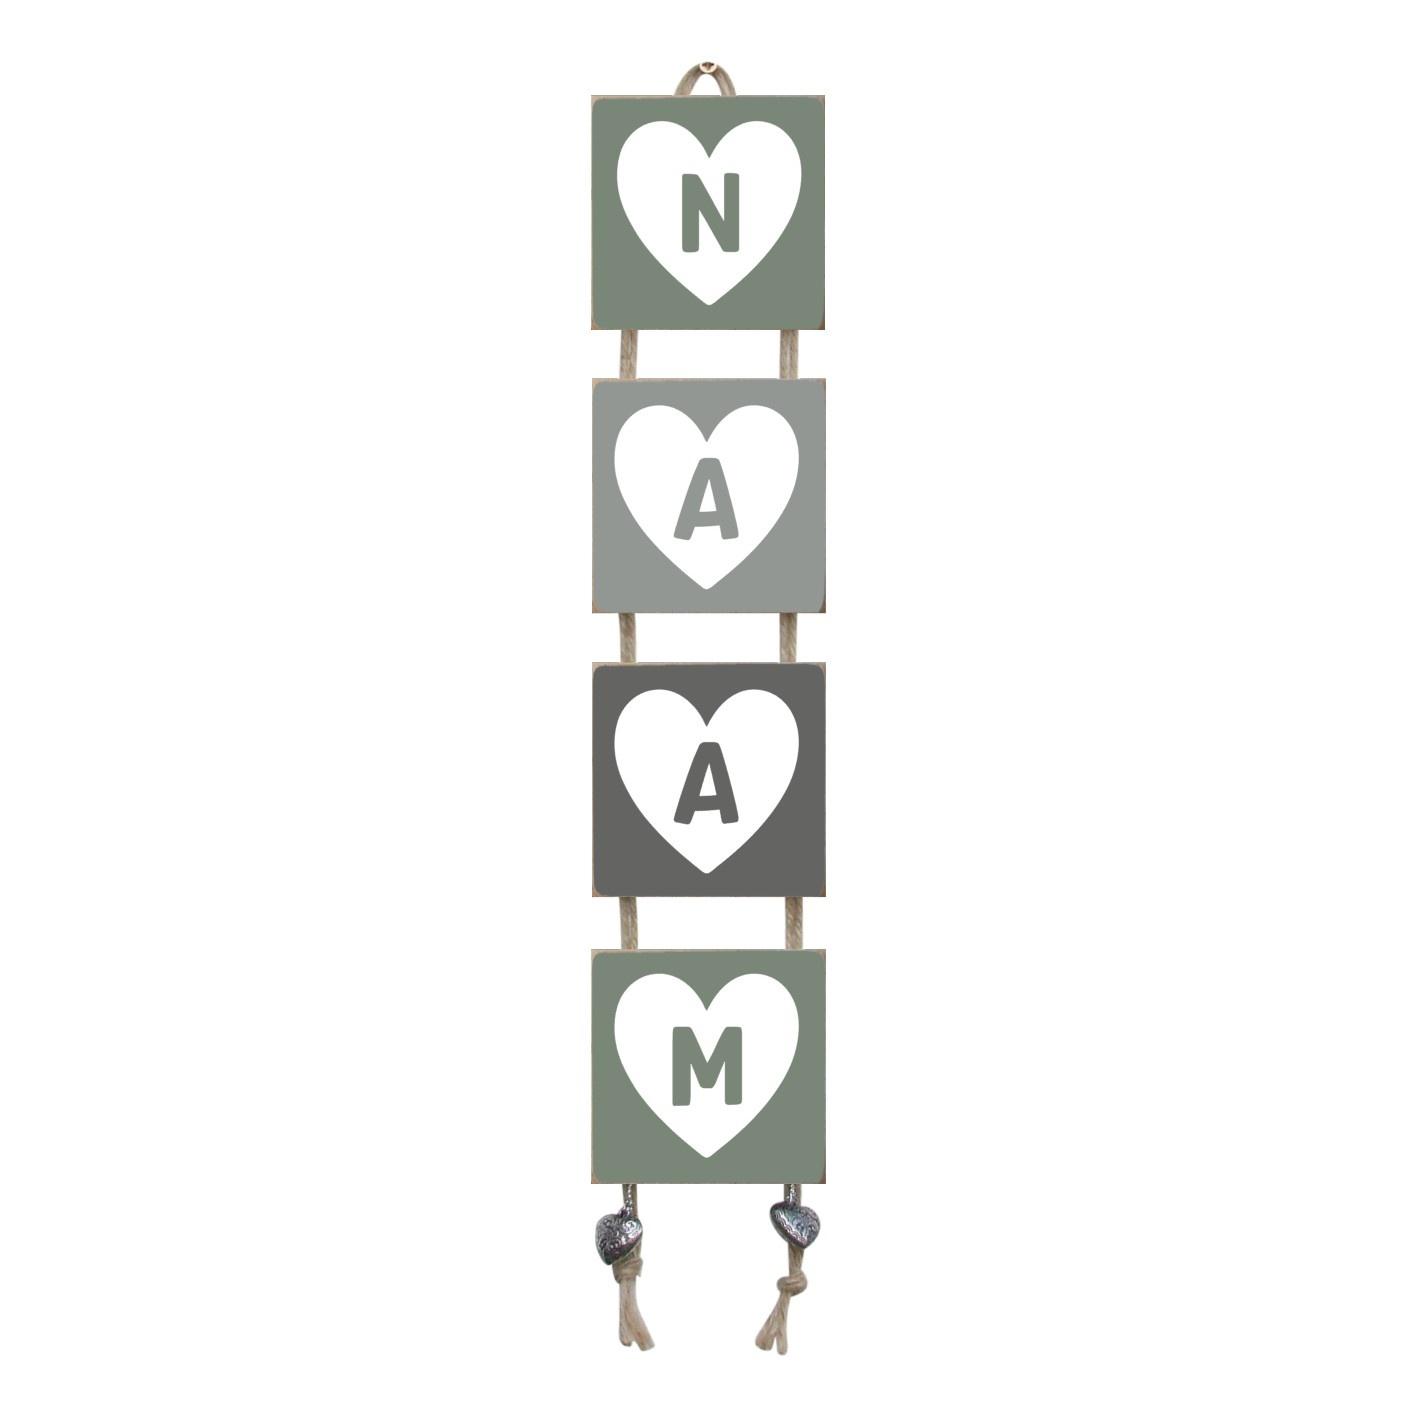 Naamladder leemgroen/grijstinten hart